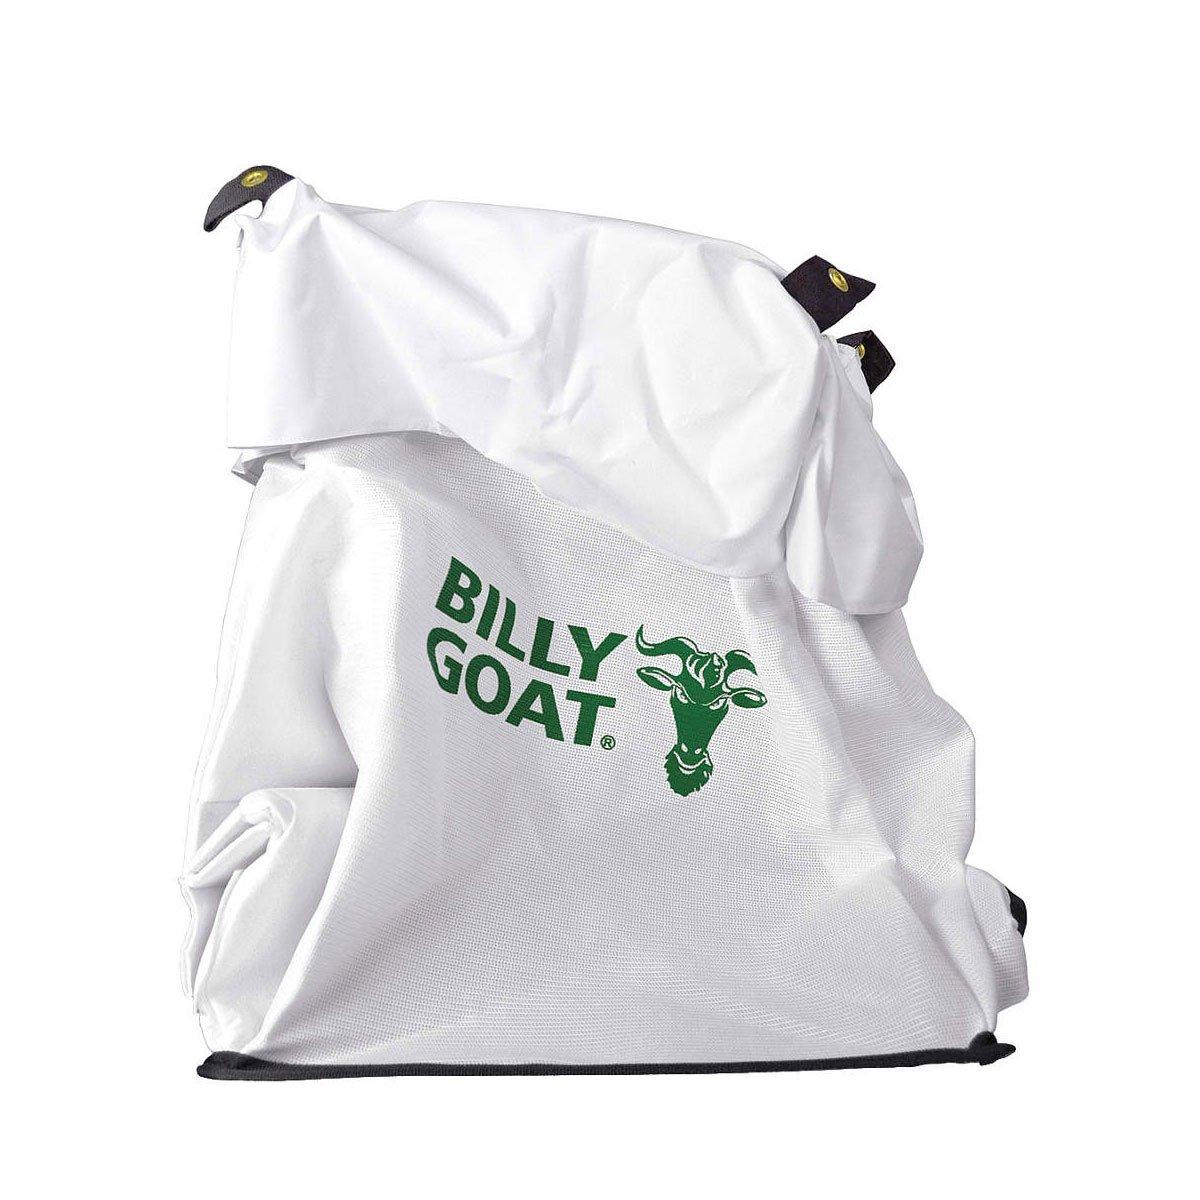 Billy Goat Standard Felt Bag for KD Model Vacuums / KD612 / 890305, 890304